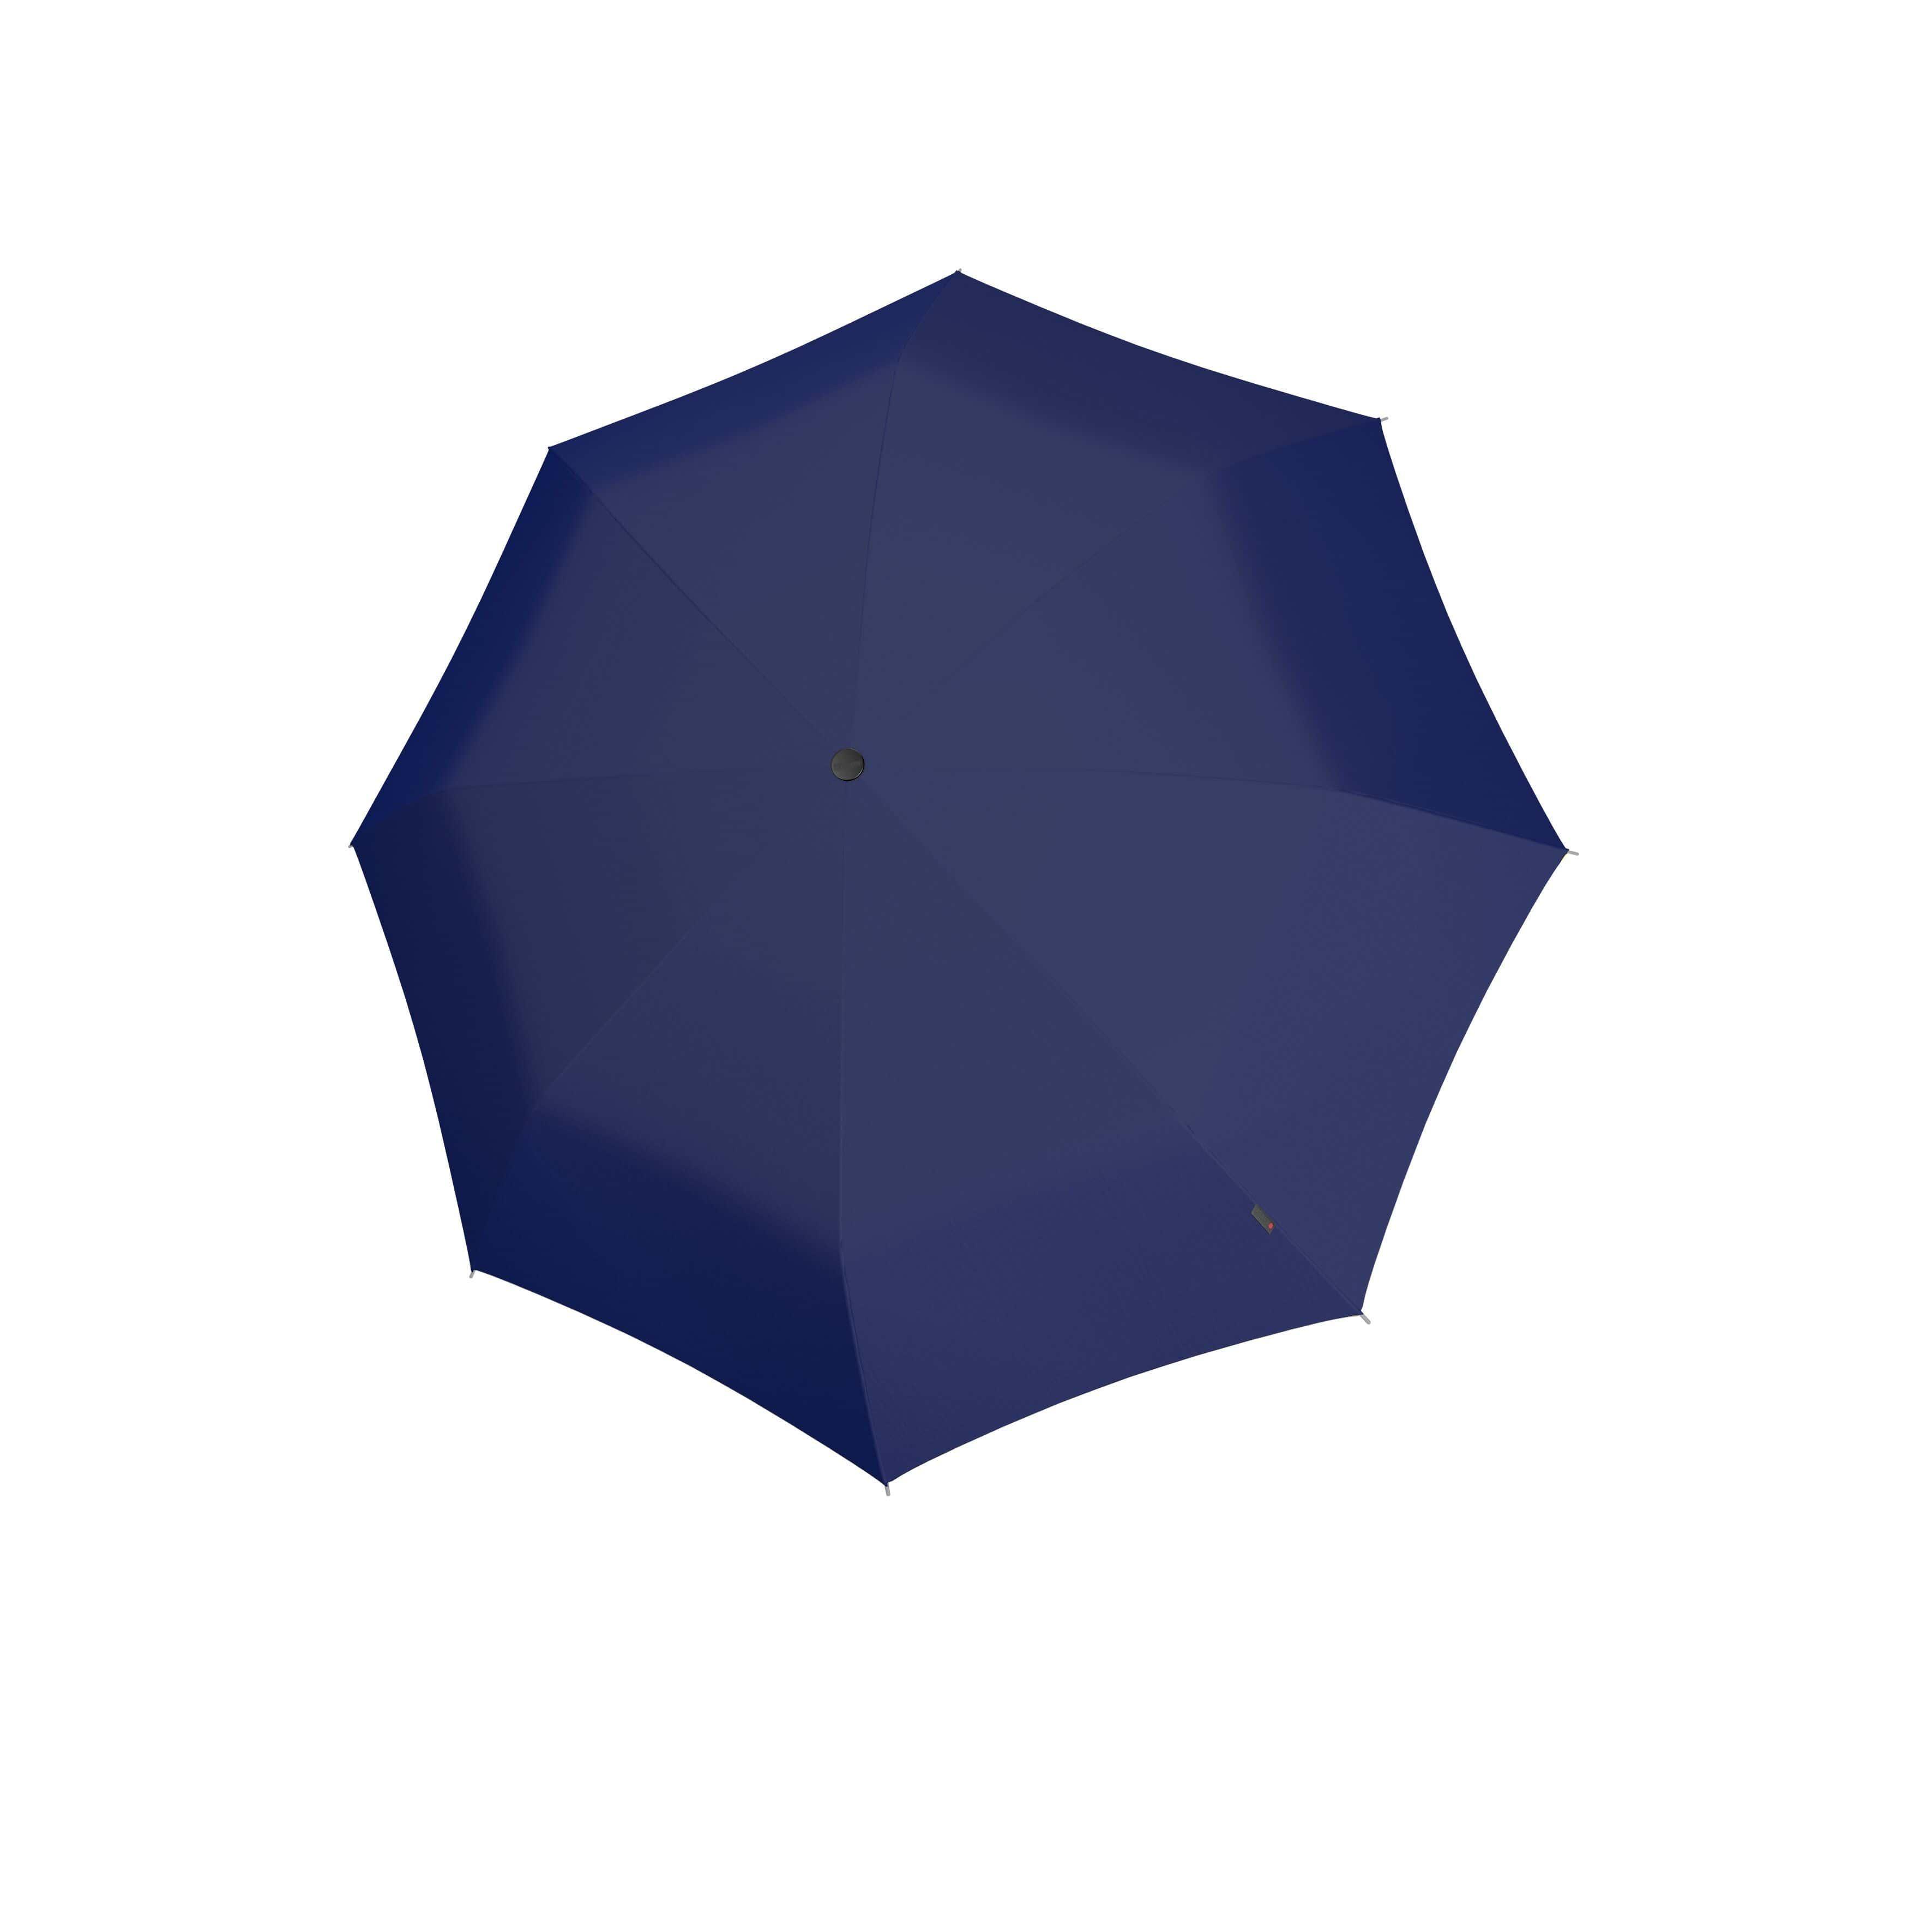 Knirps Umbrella U.900 ultra light XXL manual - photo 2